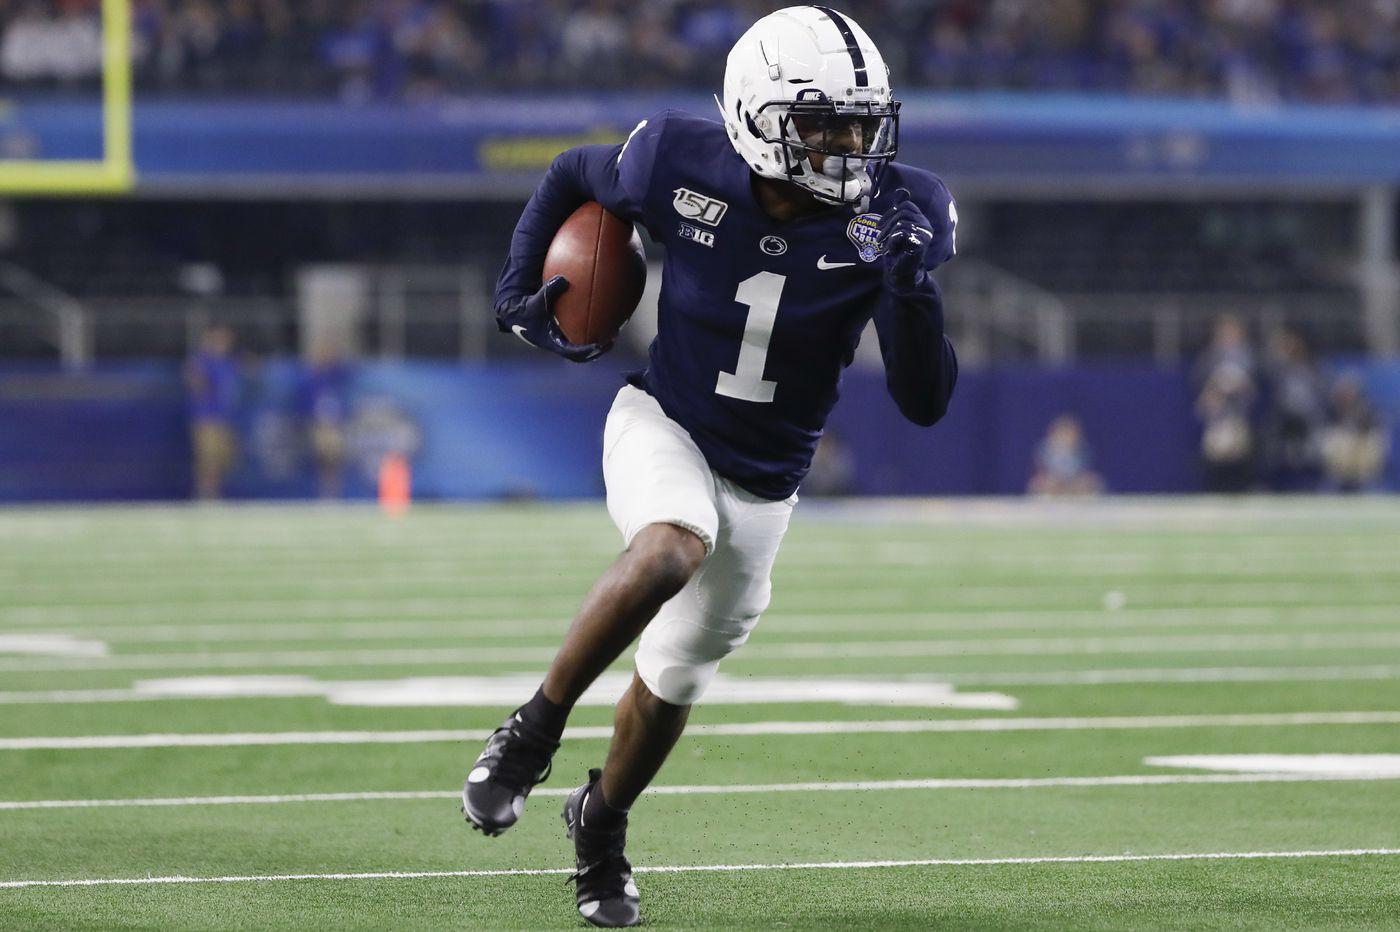 Penn State wide receiver KJ Hamler will enter the NFL draft